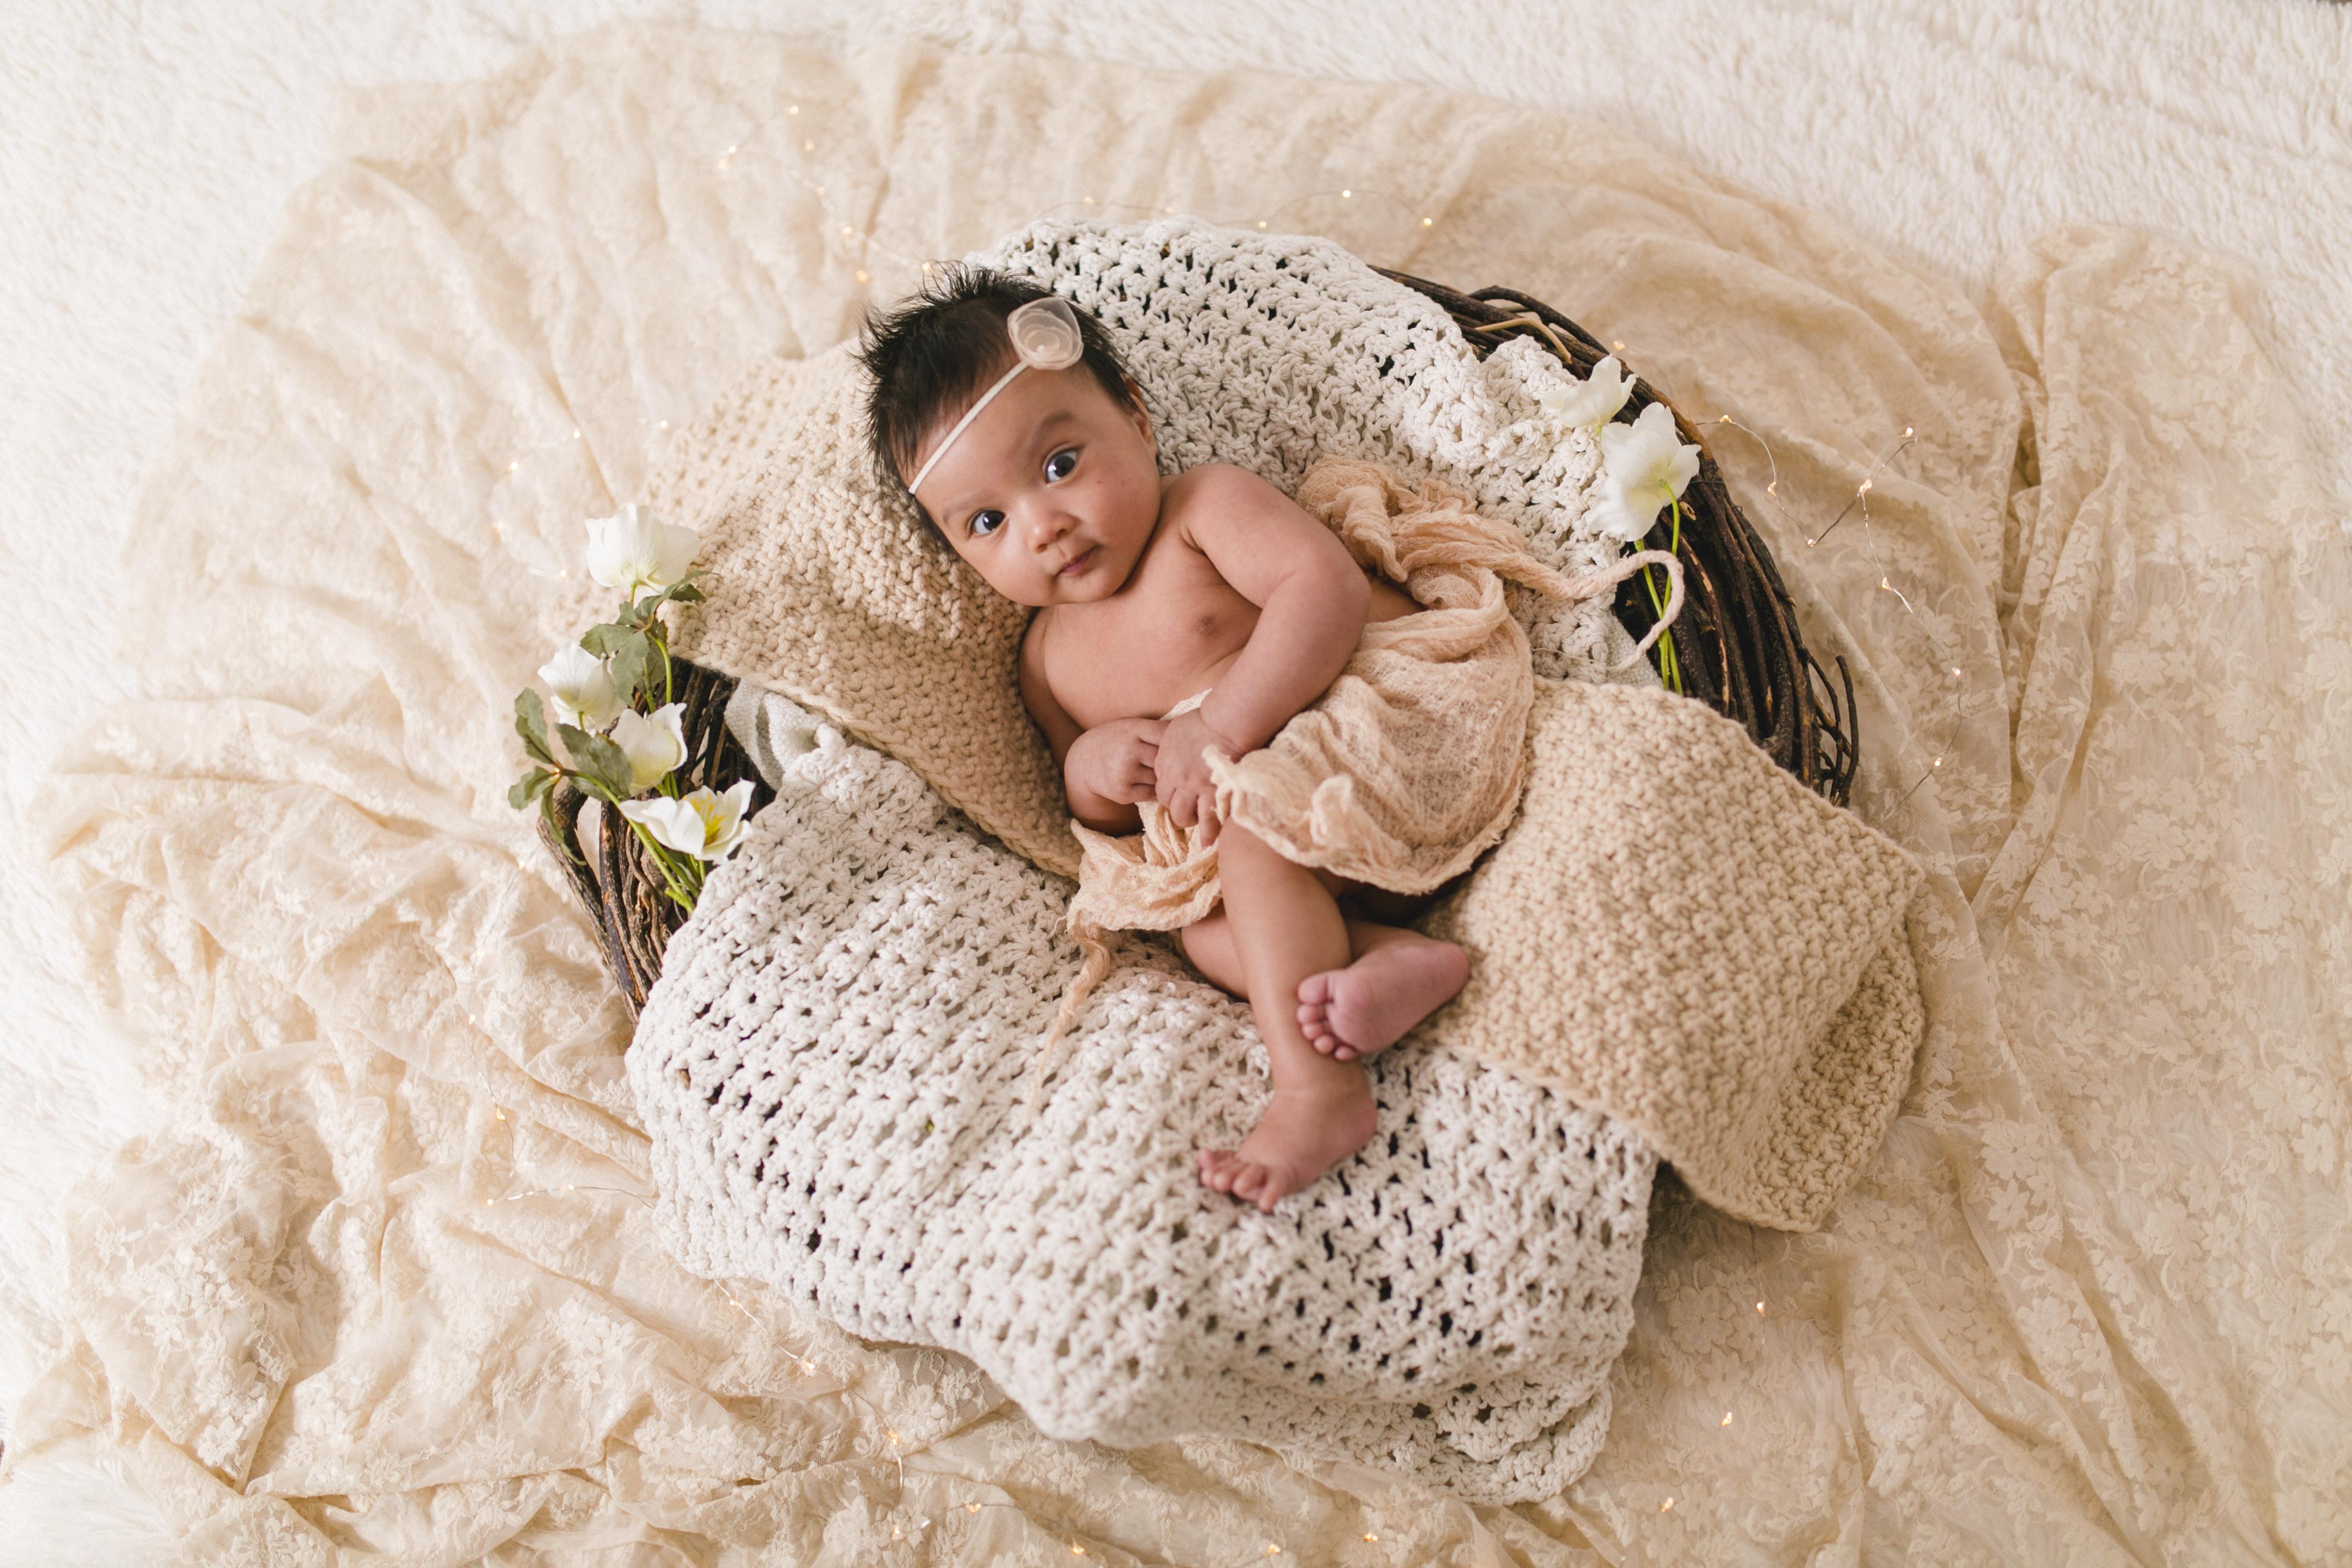 Babyfotos Eggenfelden - die entzückende Nora - 50 Tage alt (2)